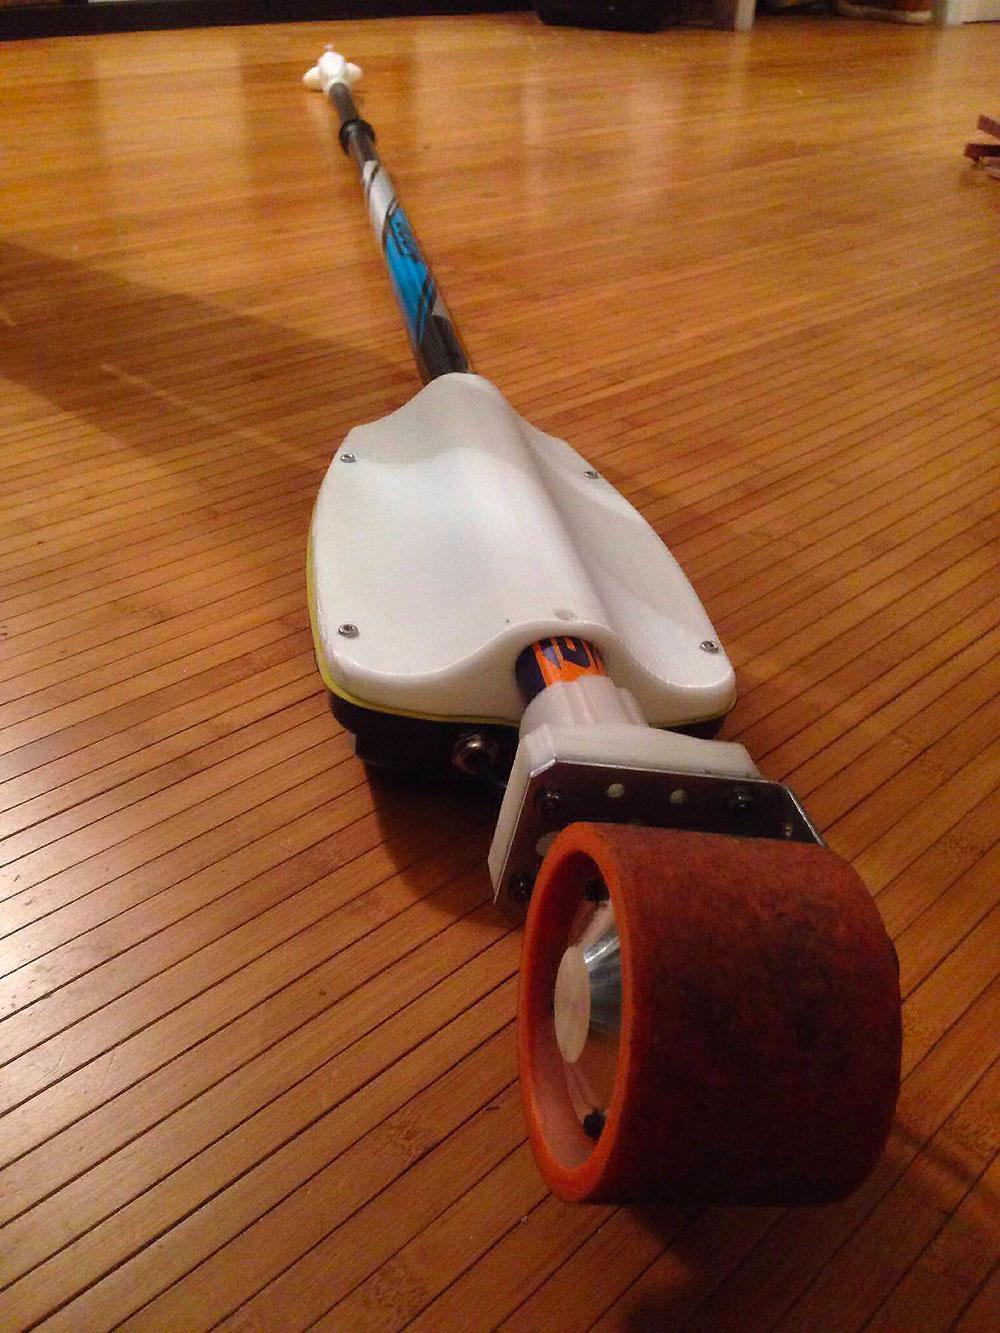 Paddle urbain électrique e-Stiq, une invention française